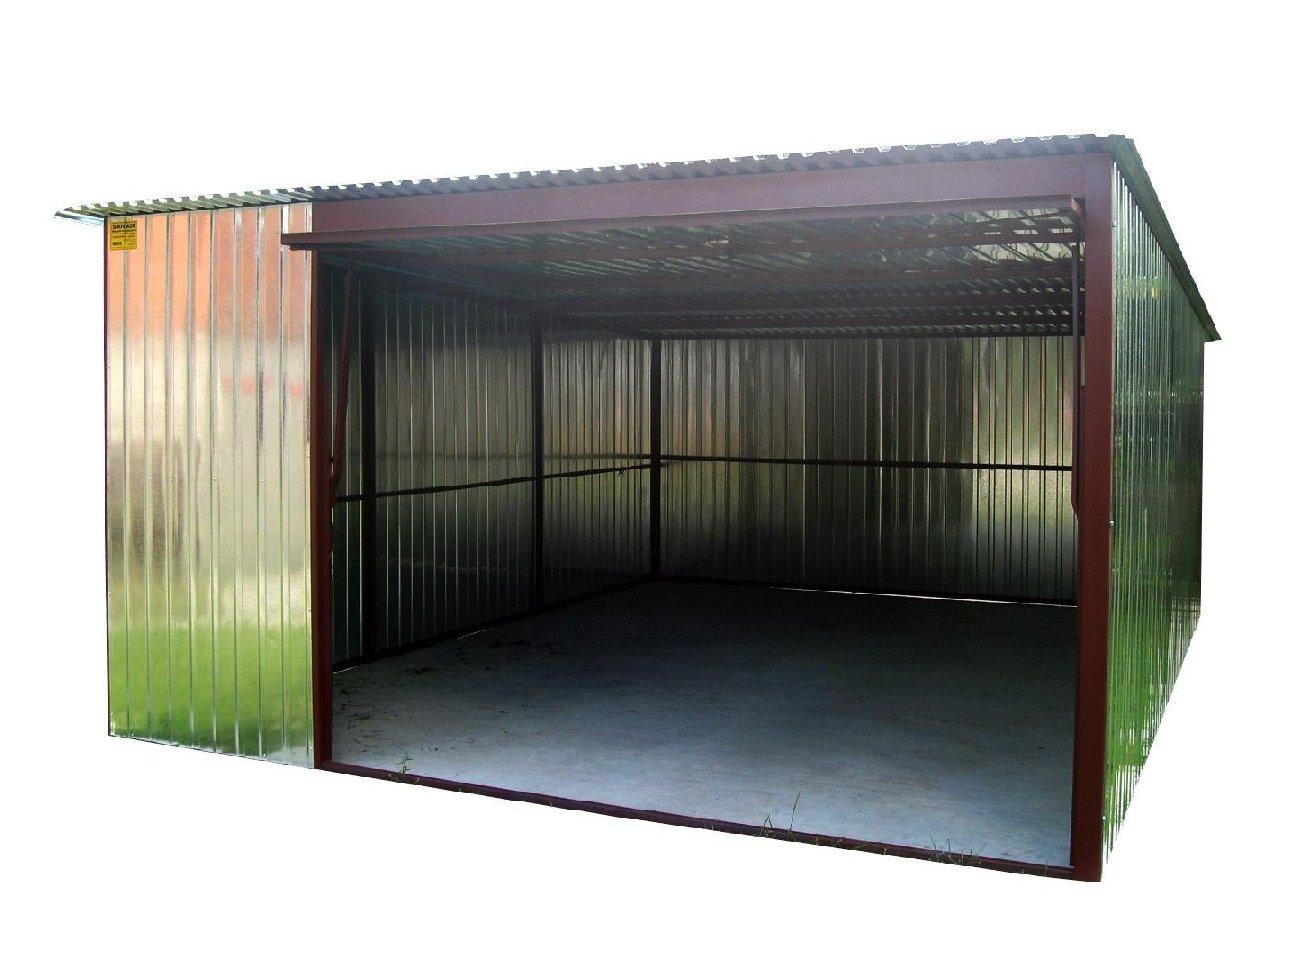 Garaż Blaszak Blaszany 4x6 Brama Pomorskie 7095352321